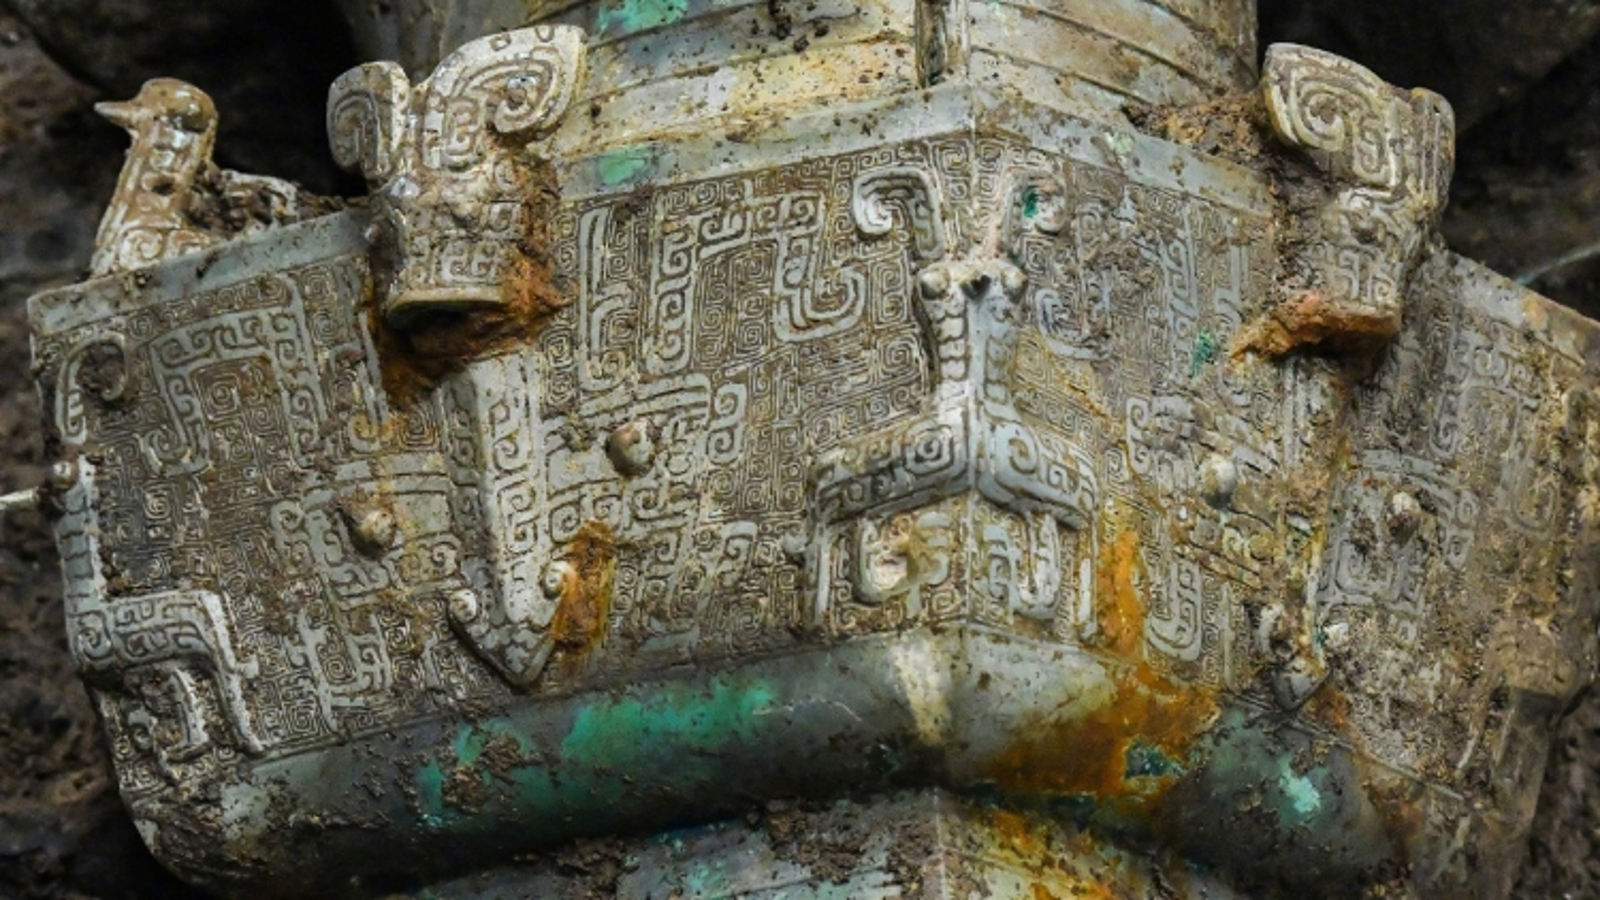 Trung Quốc phát hiện hàng trăm cổ vật có niên đại 3.000 năm